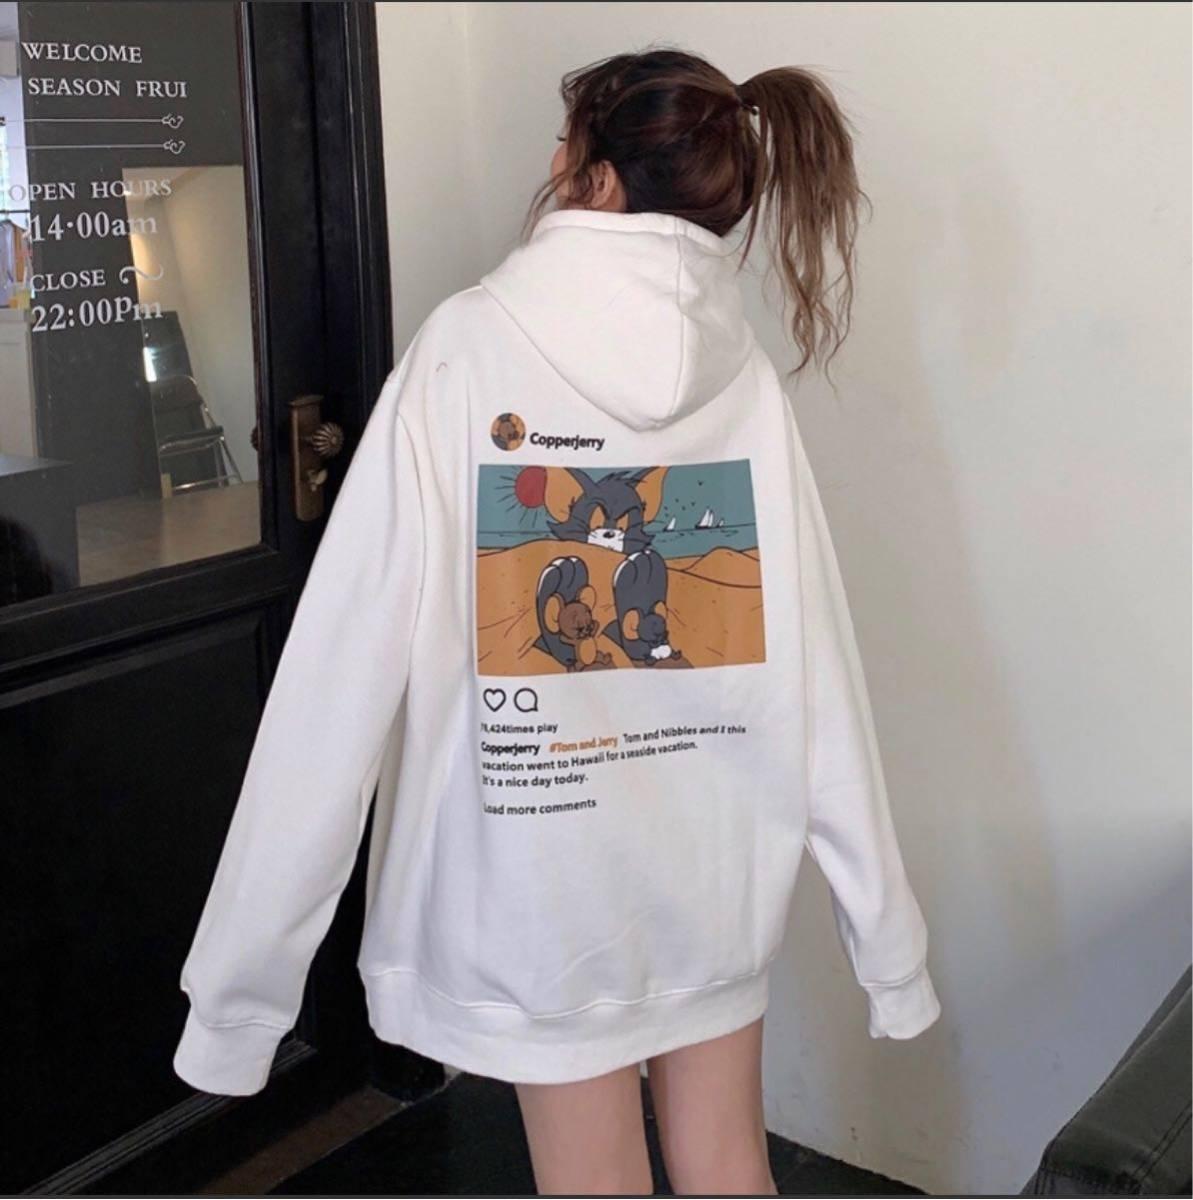 スウェットパーカー パーカー 裏起毛 真冬 レディース メンズ 冬服 オルチャン 韓国 韓国ファッション